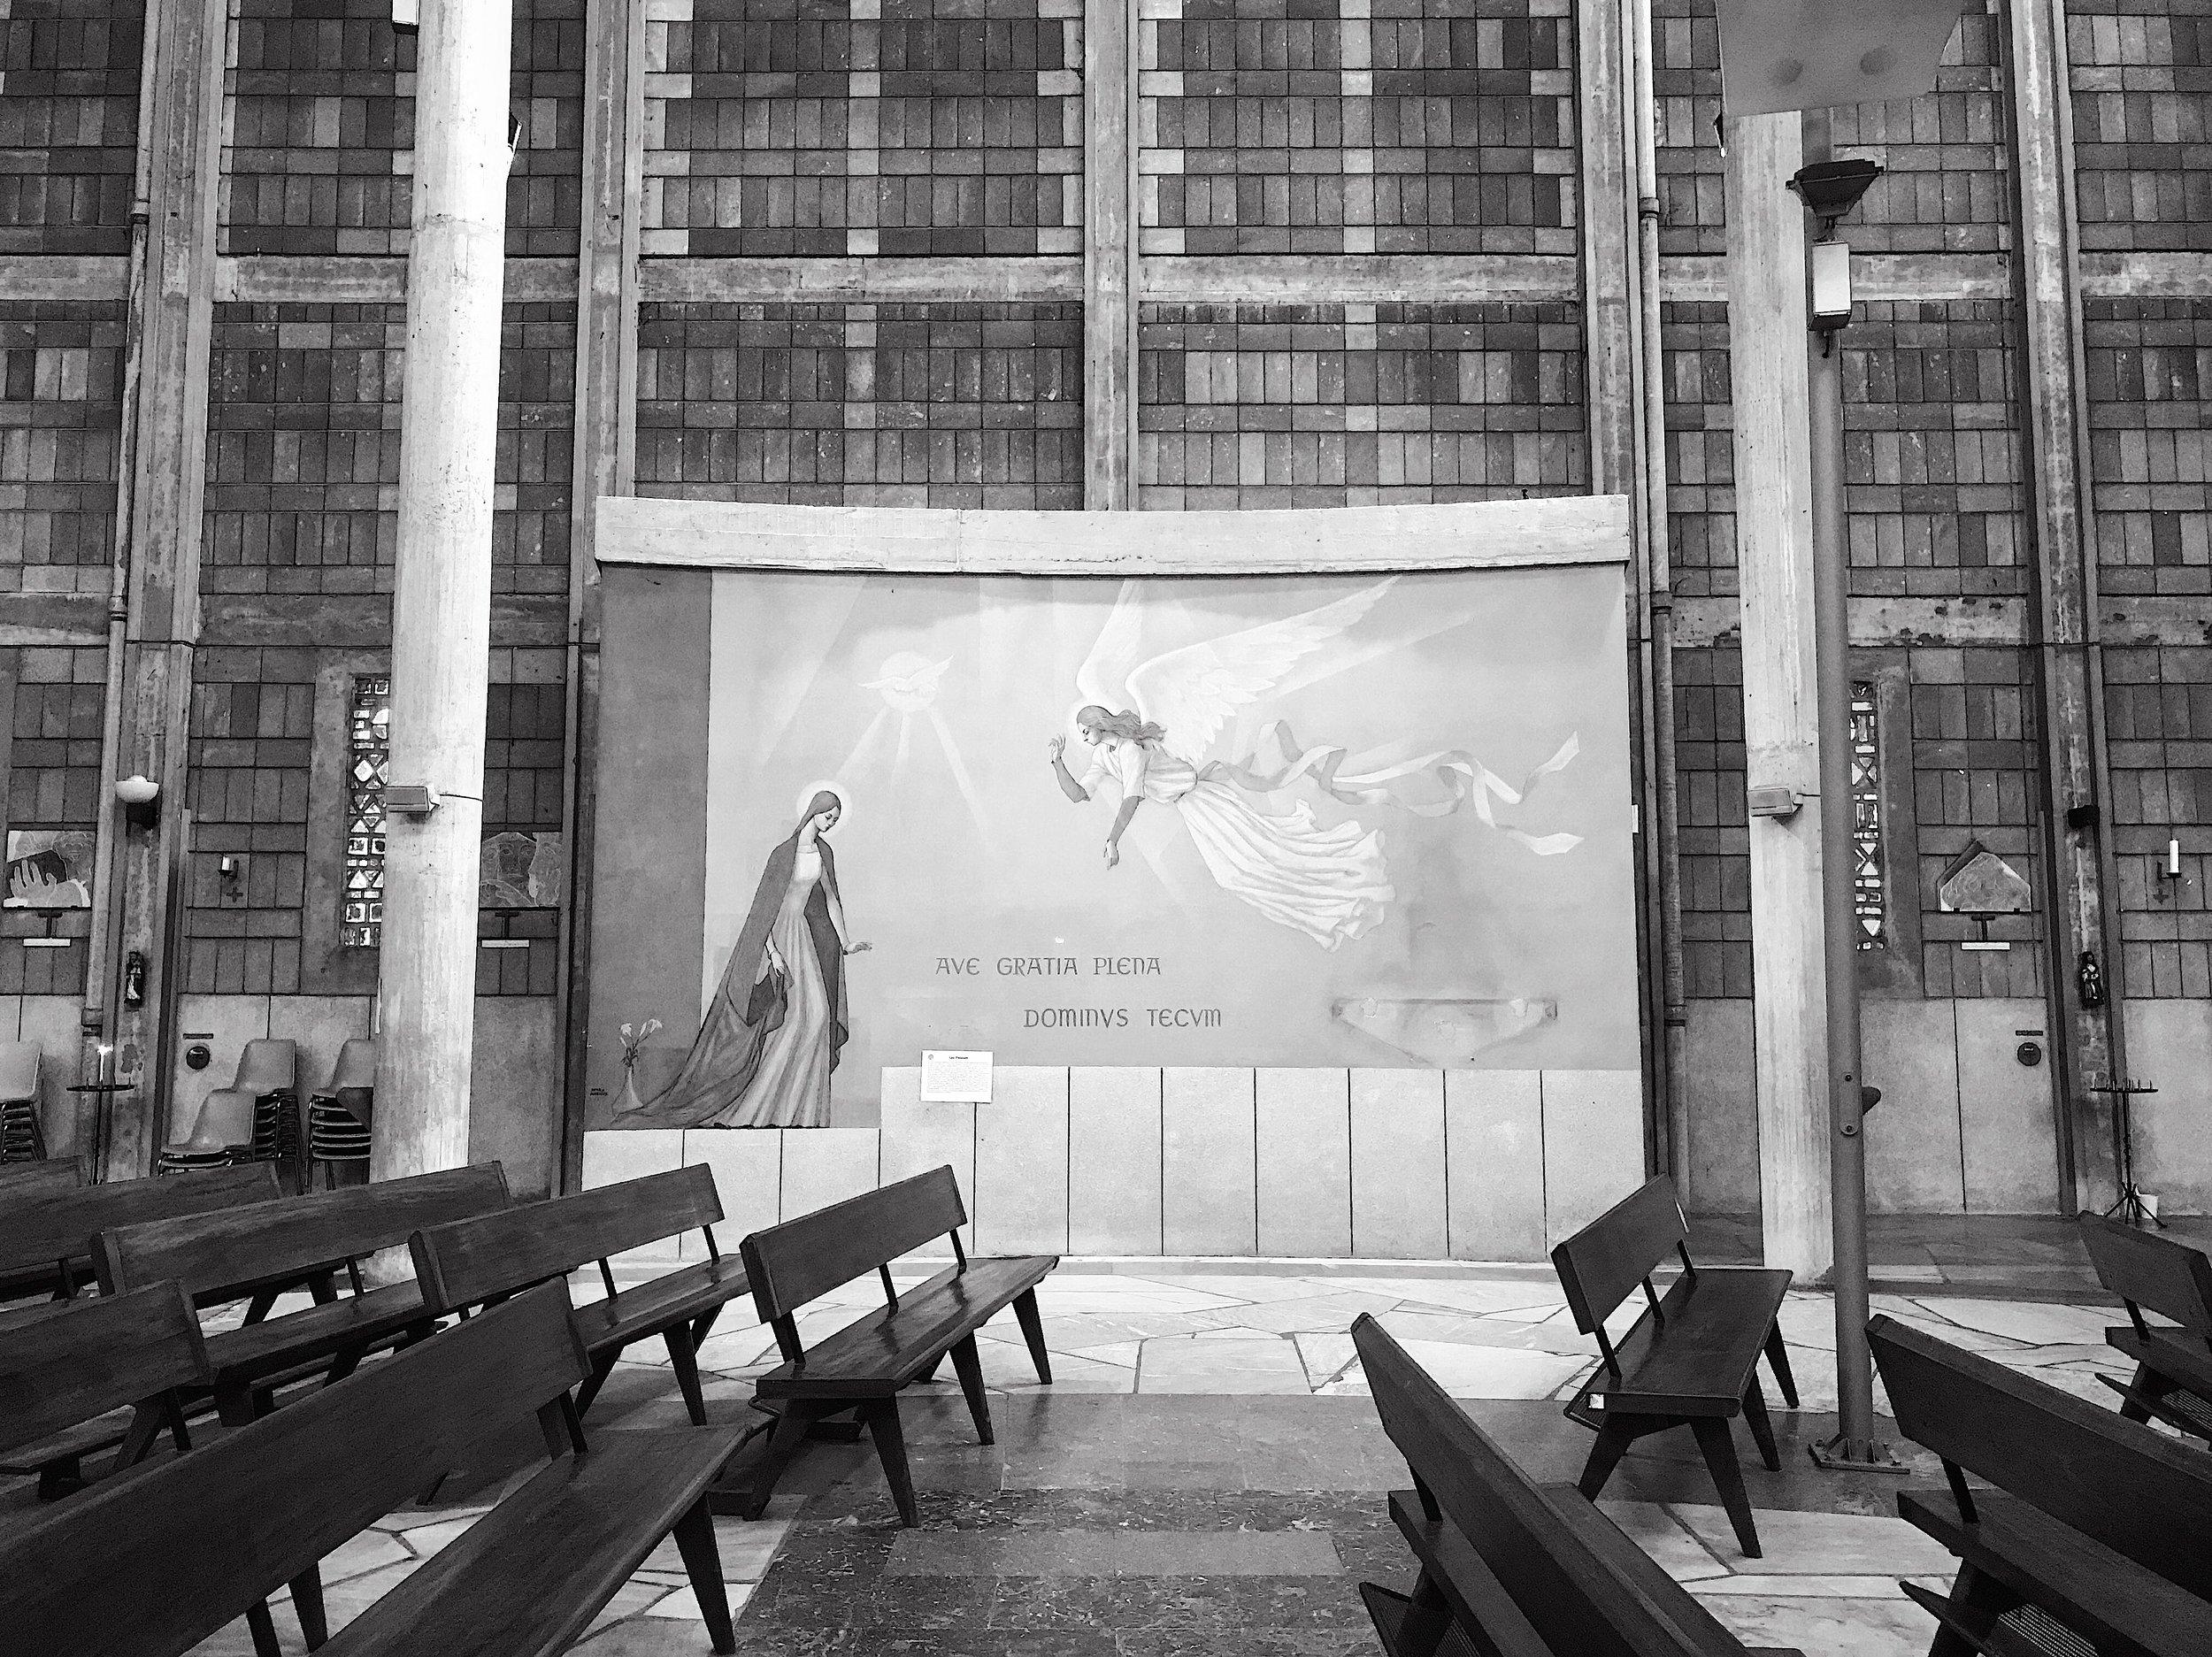 Monday morning, Église Notre-Dame-de-Victoire de Lorient